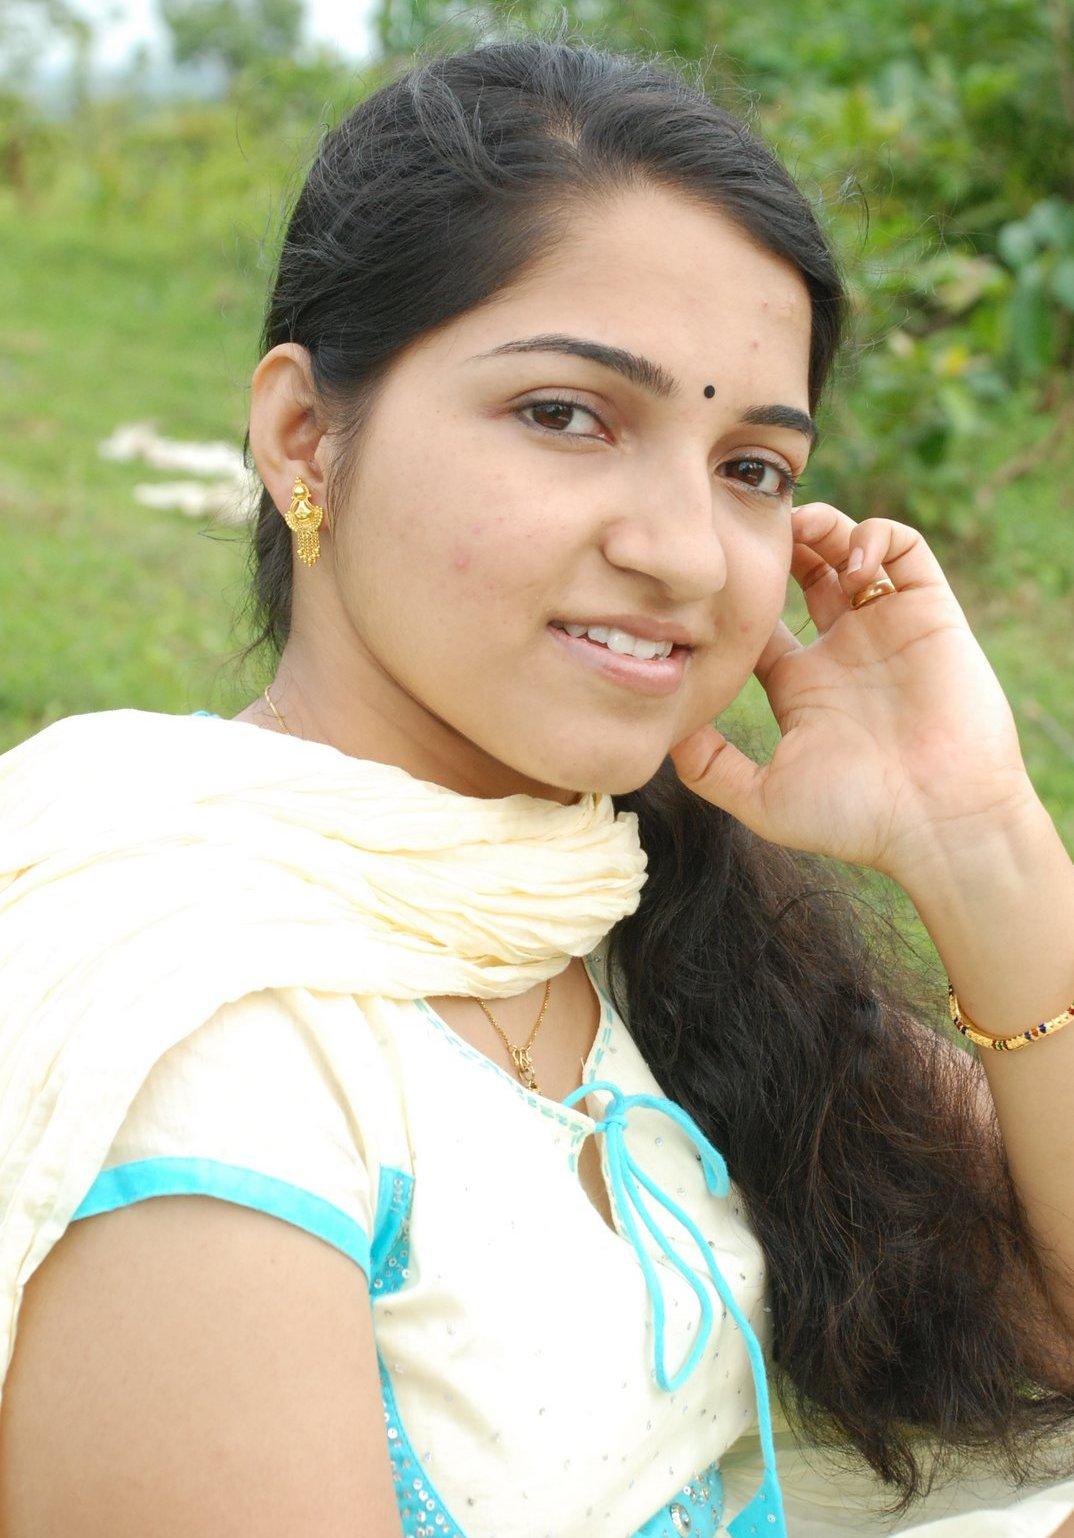 Desi Teen Girl Pic